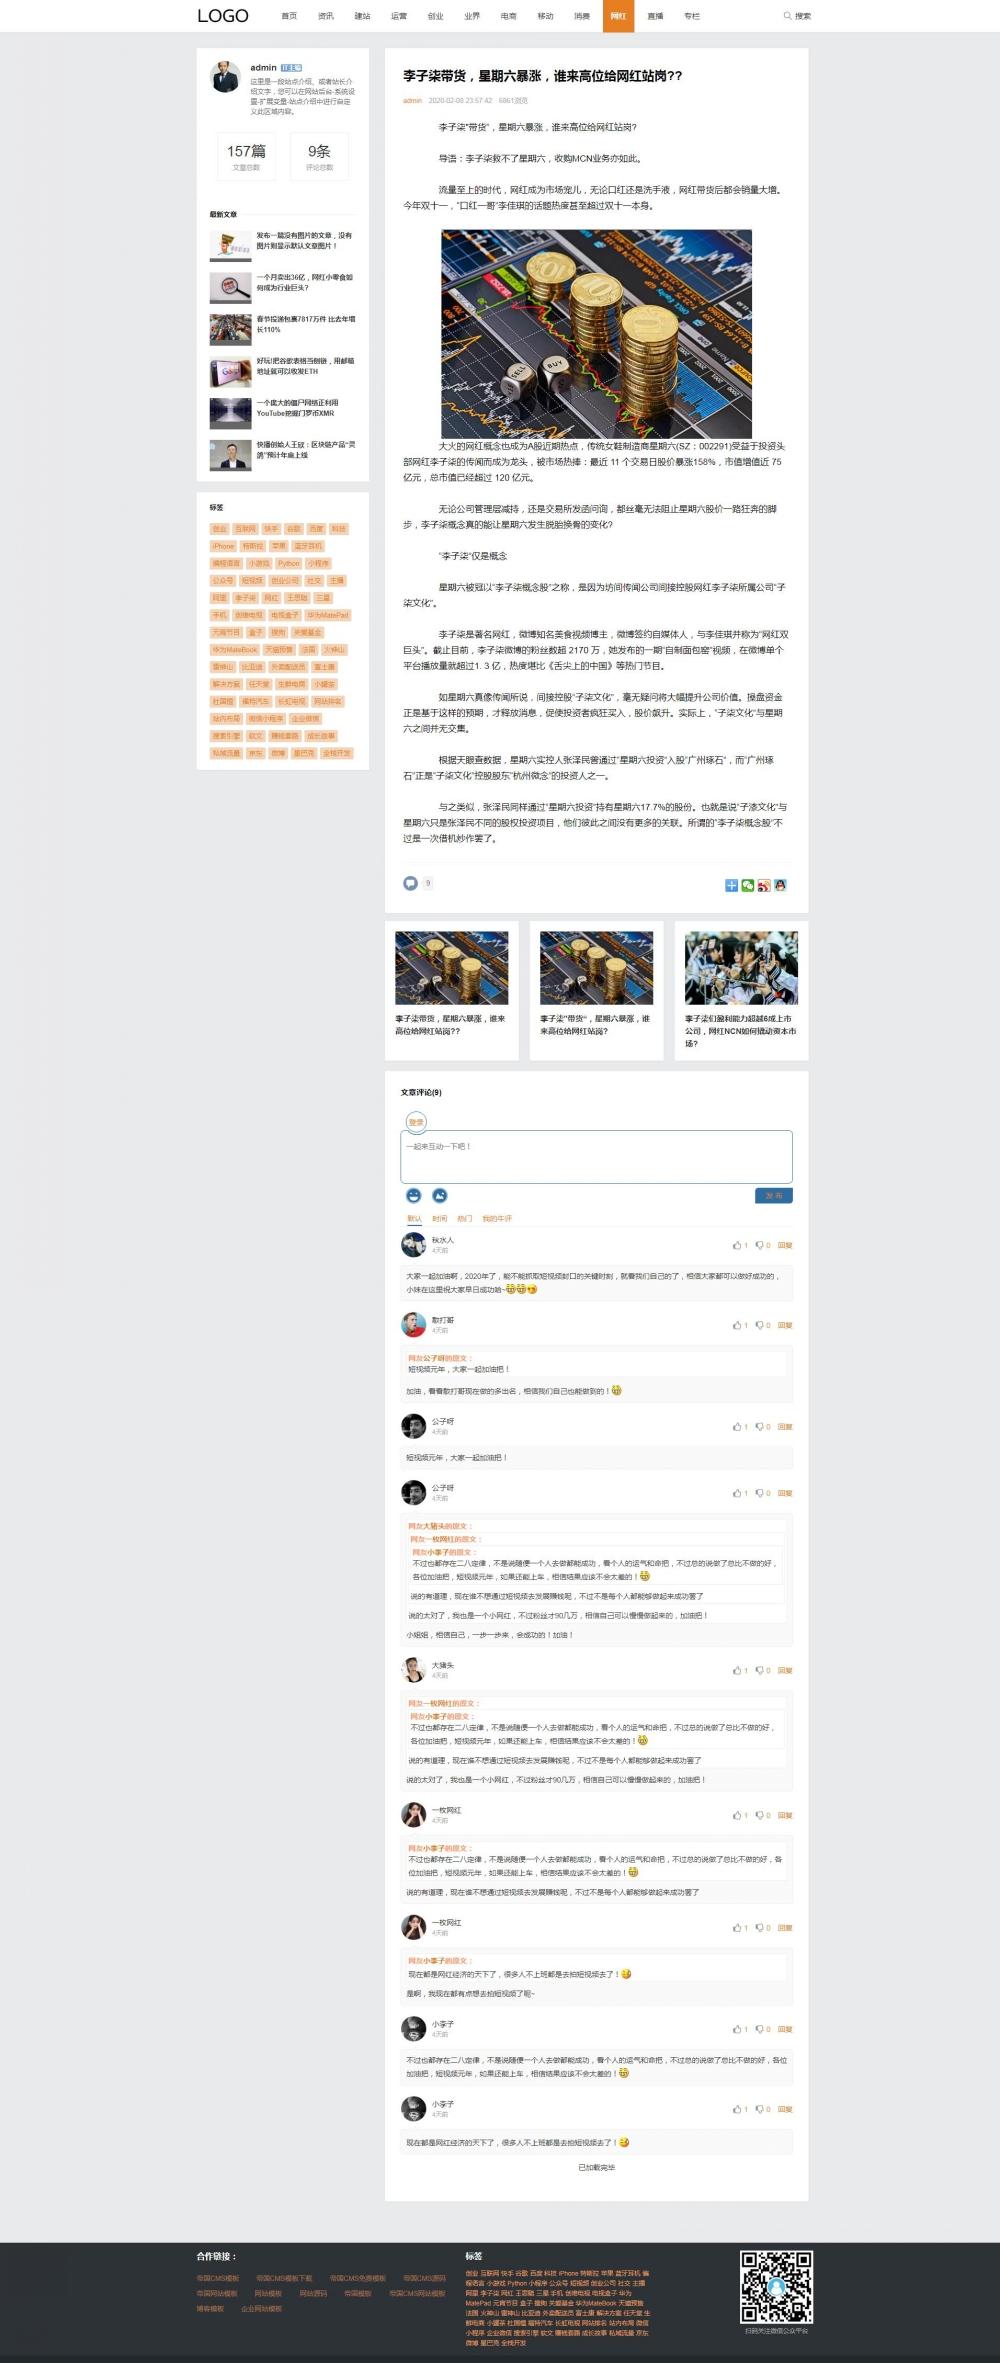 文章内容页.jpg [DG-059]帝国CMS模板经典简约个人博客文章资讯模板 博客文章 第3张